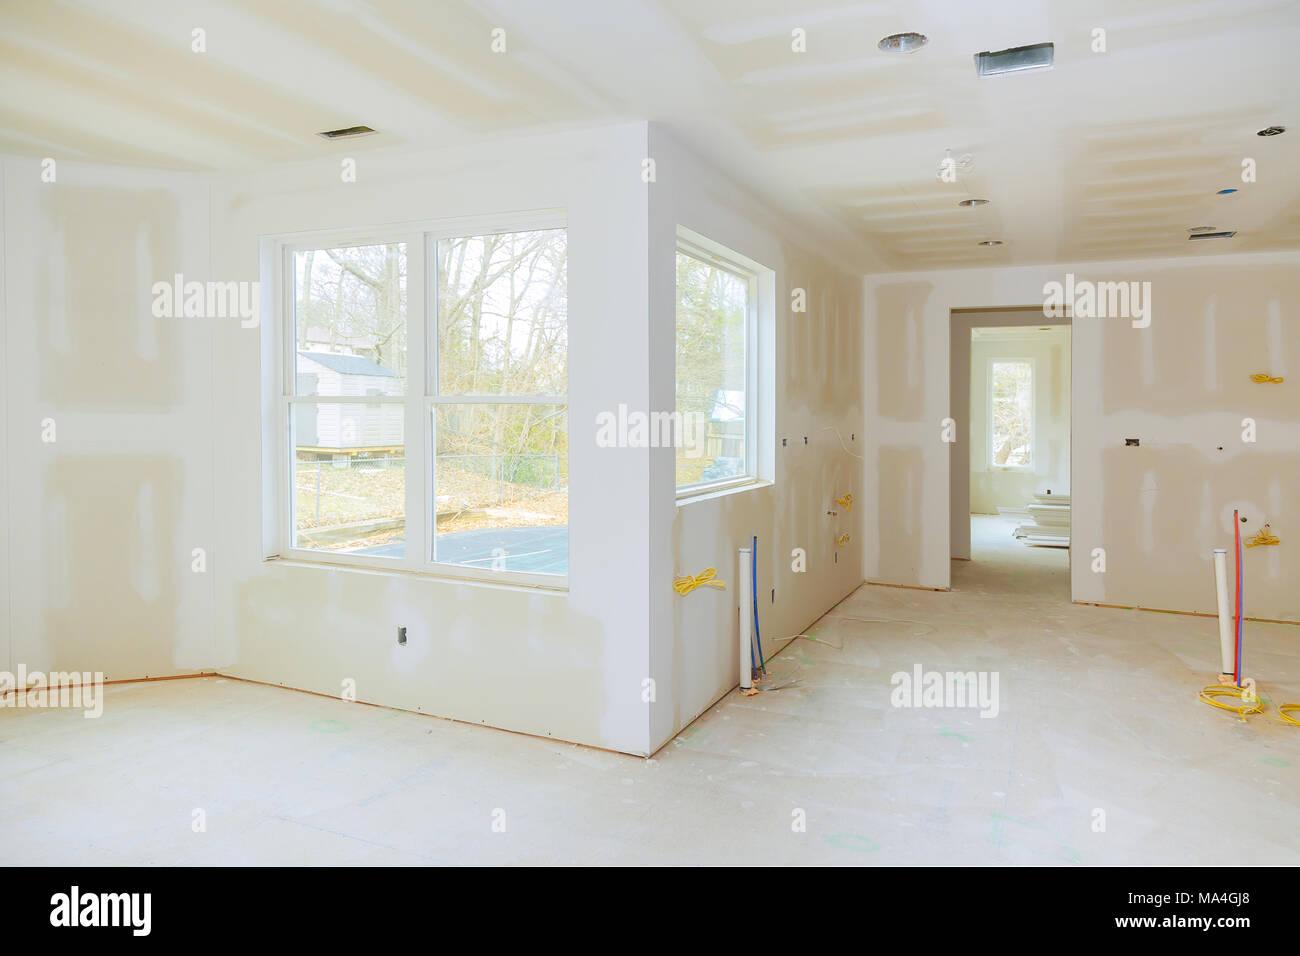 Construction Drywall Plasterboard Interior Room Stockfotos ...